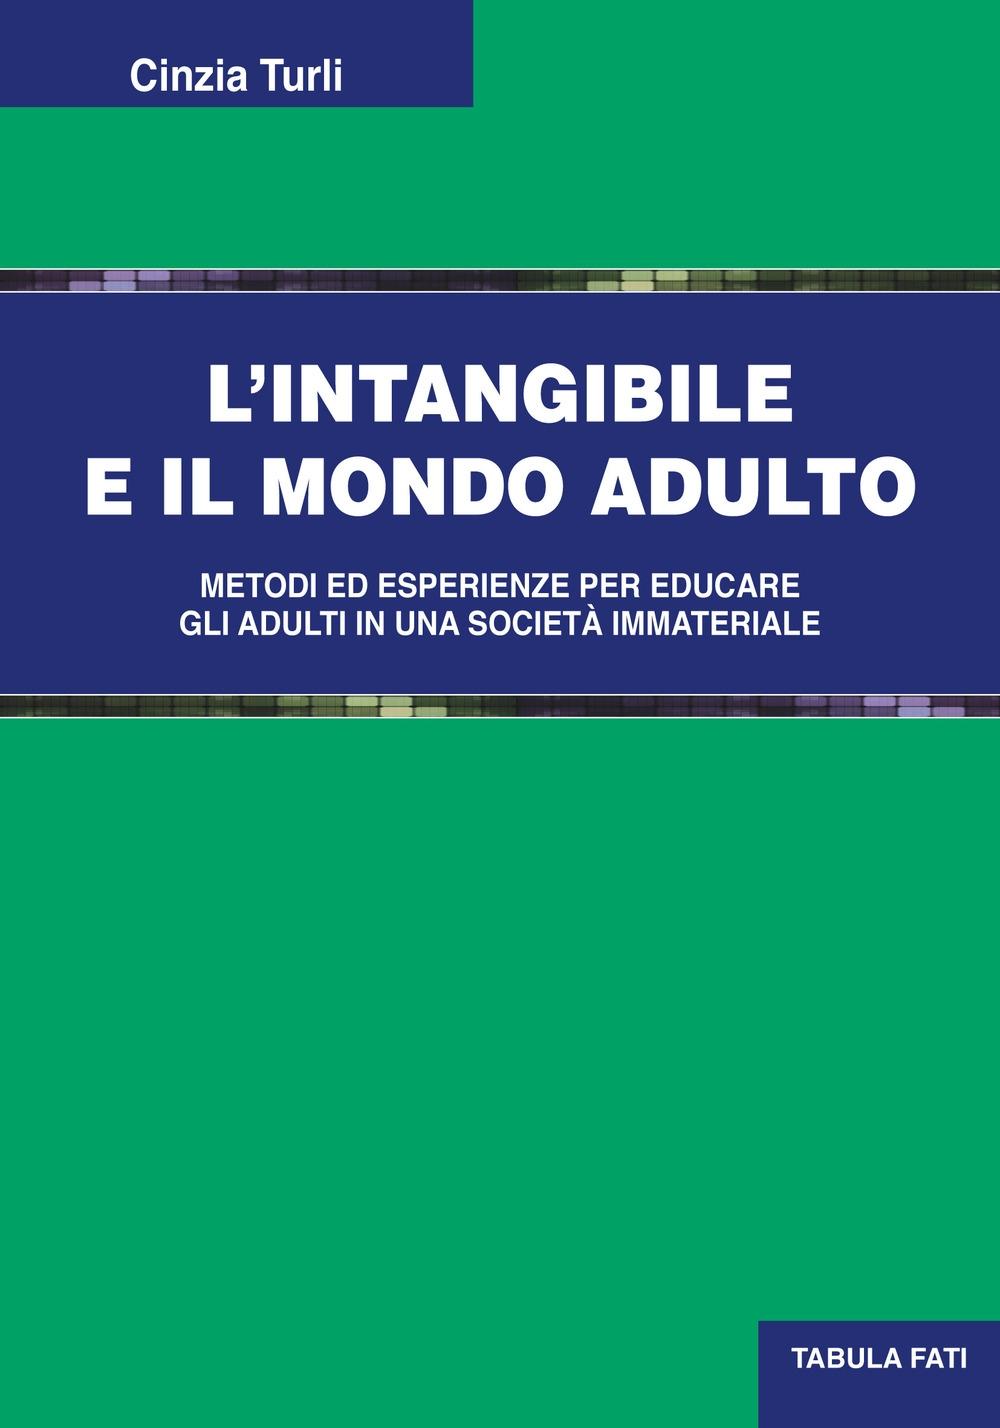 L'intangibile e il mondo adulto. Metodi ed esperienze per educare gli adulti in una società immateriale